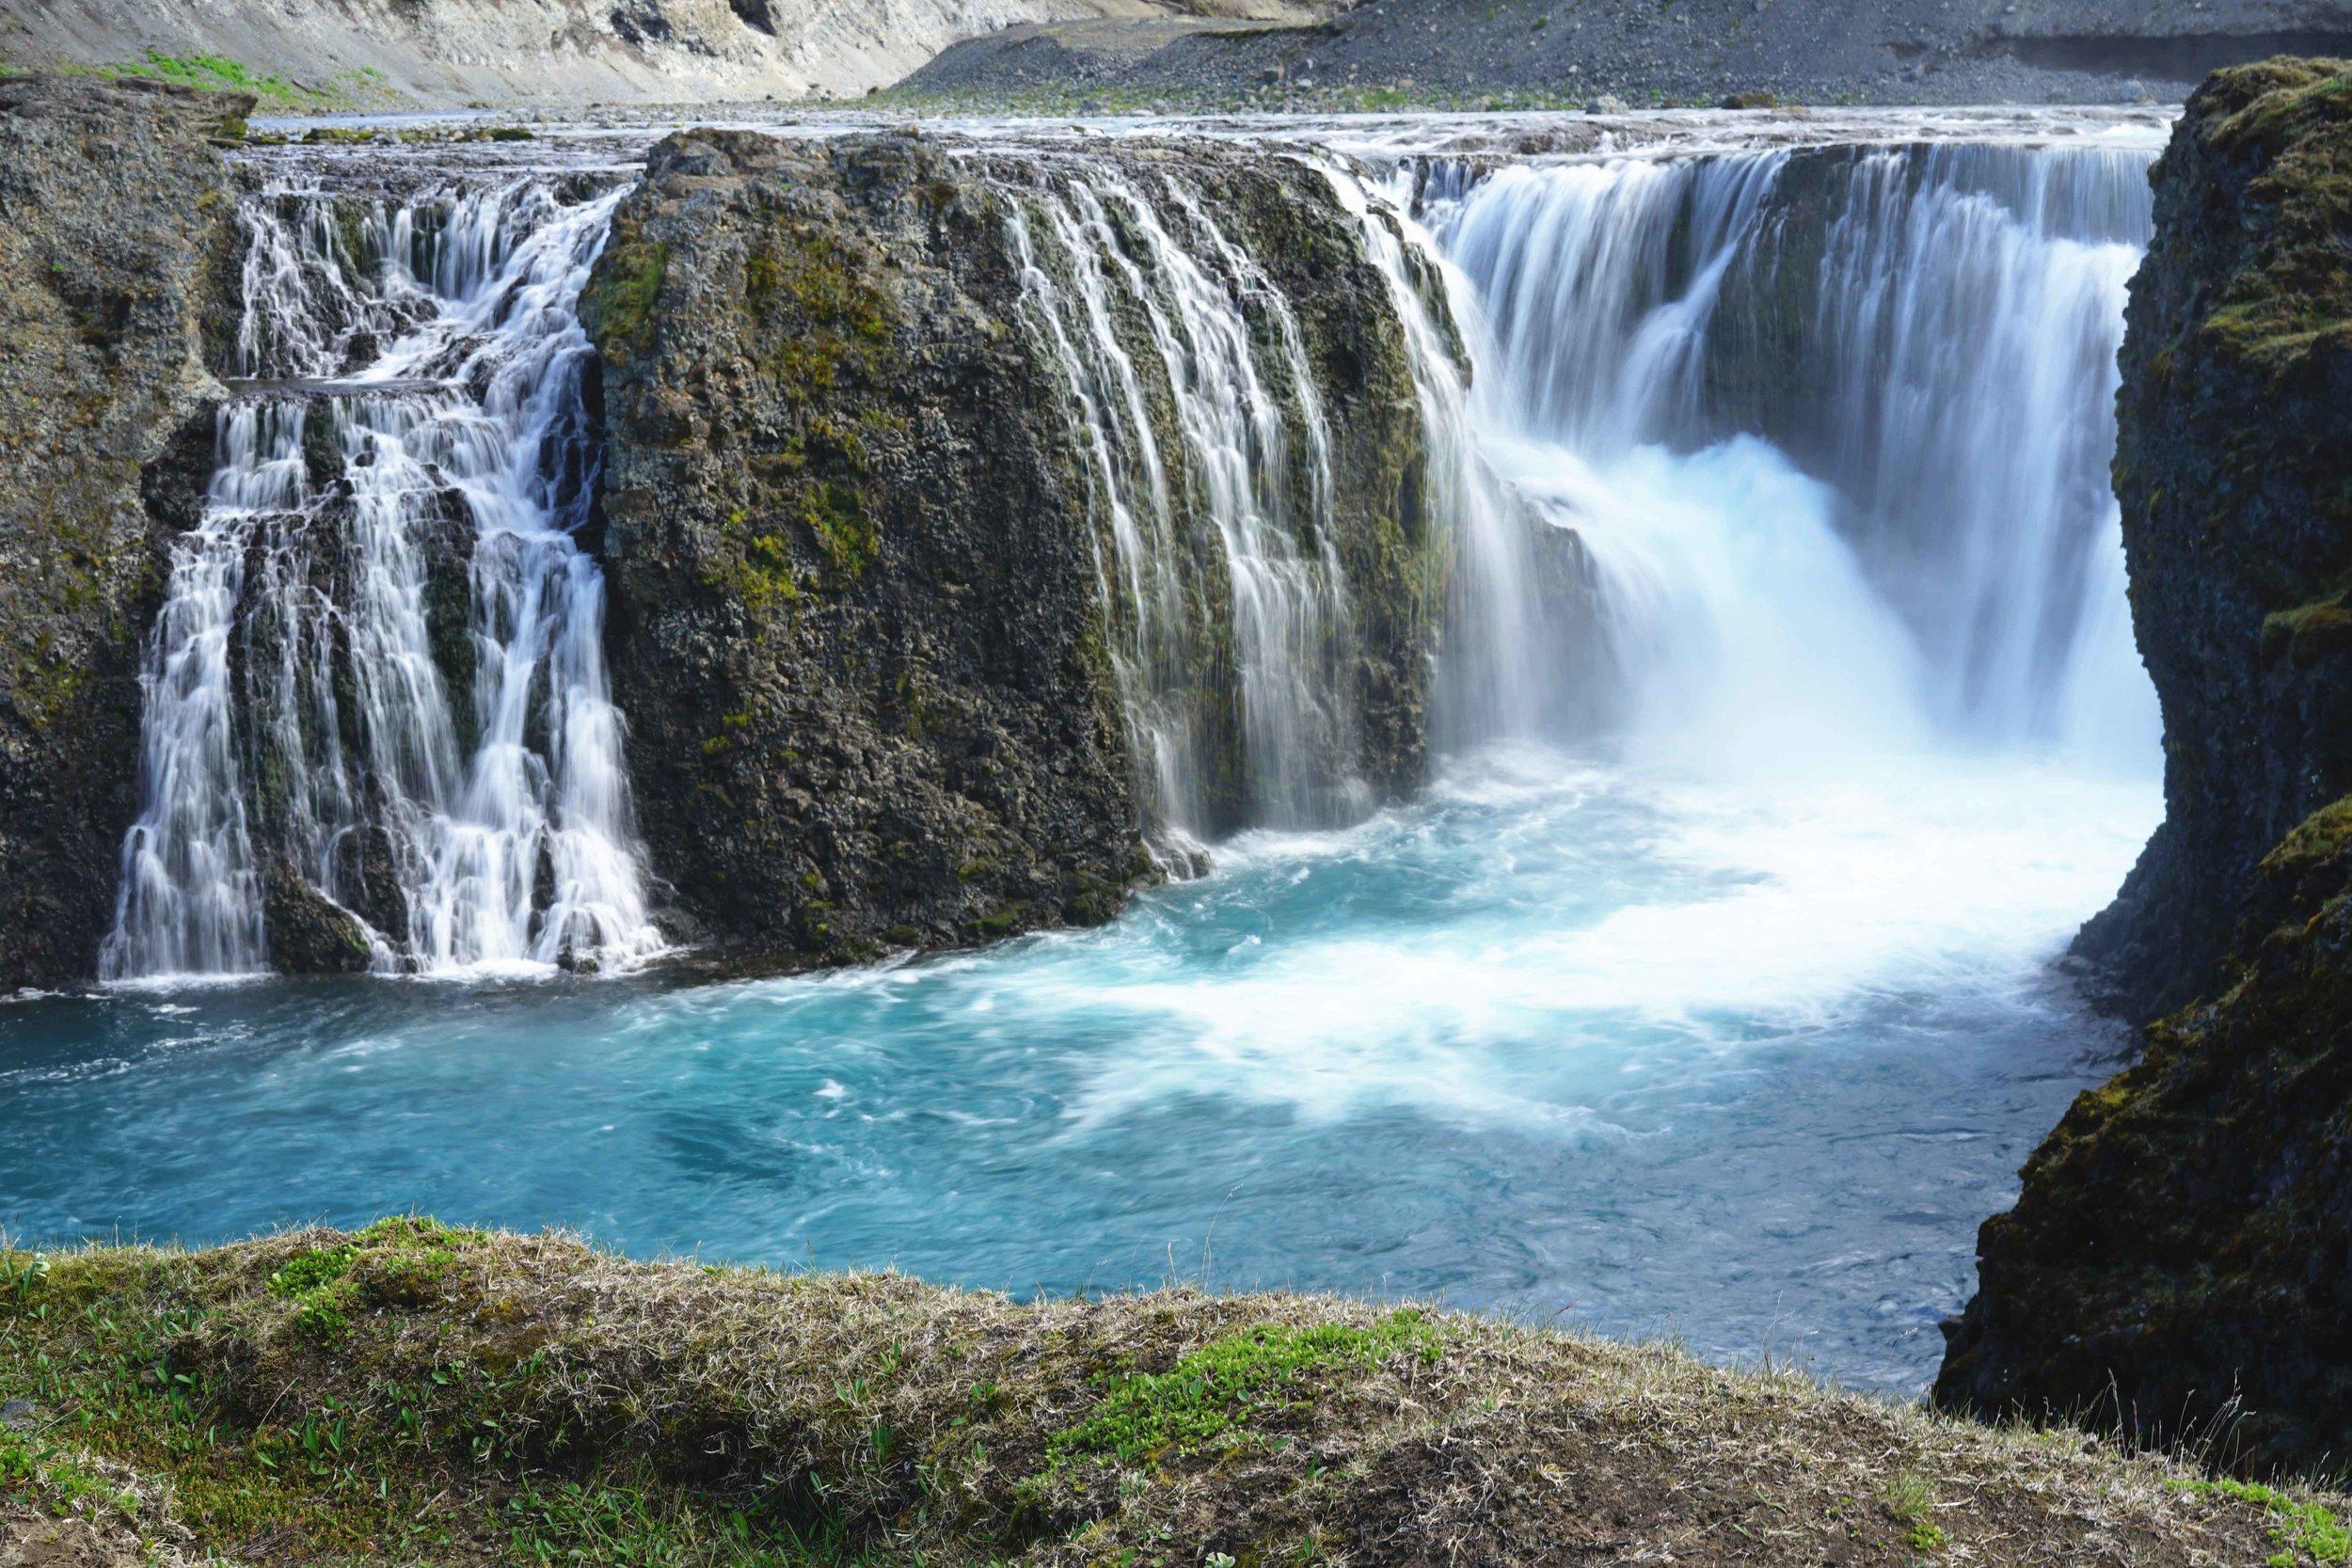 Sigoldüfoss waterfall